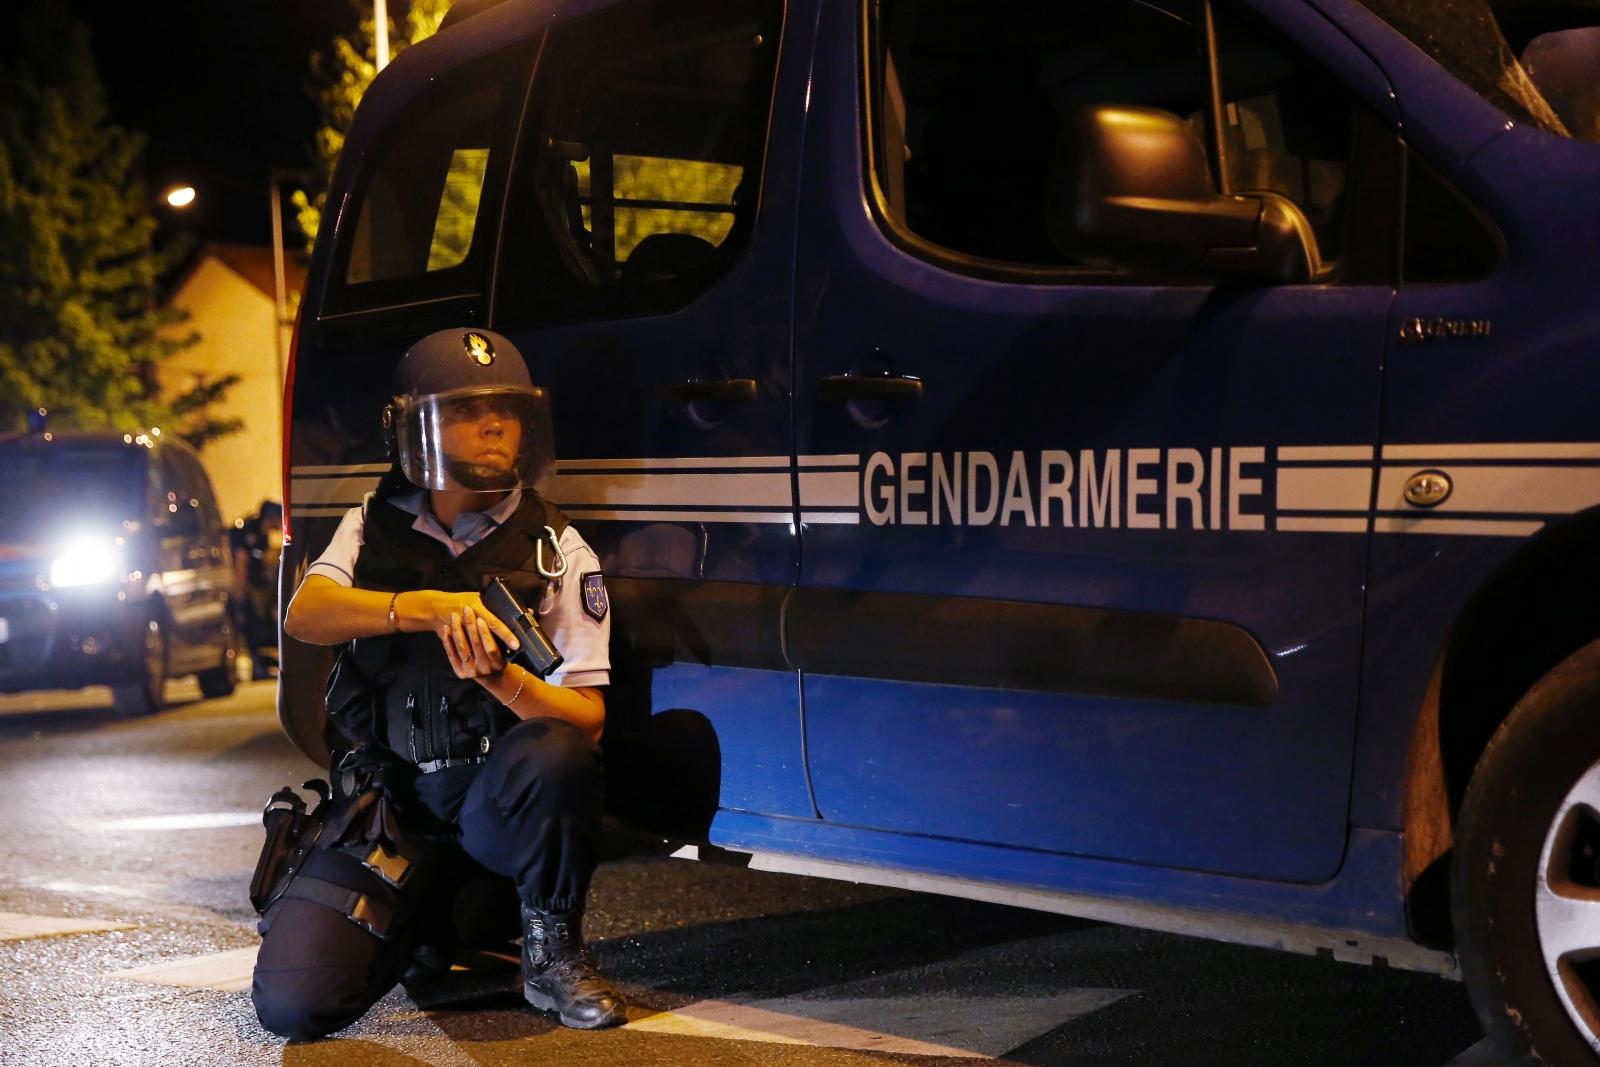 Fear of terrorism in France